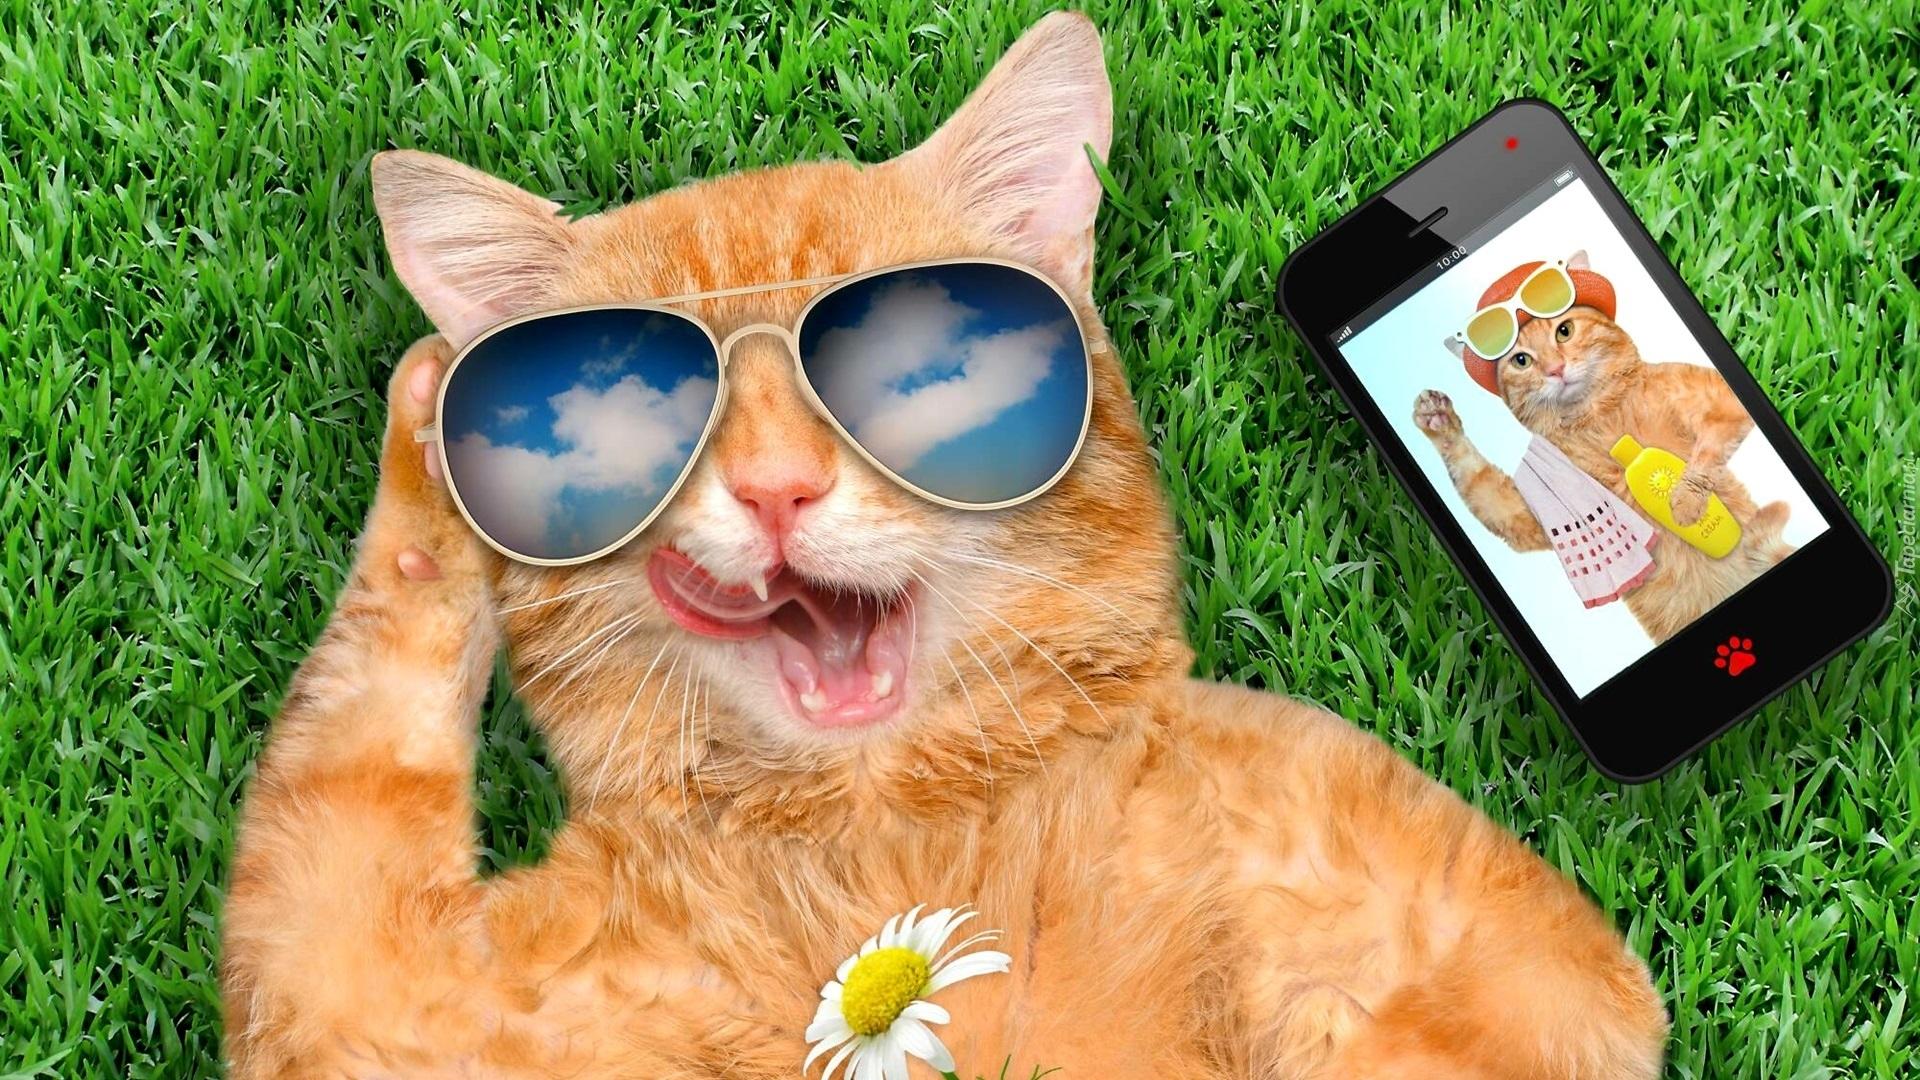 Kot W Okularach Przeciwsłonecznych Relaksuje Się Na Trawie Obok Telefonu